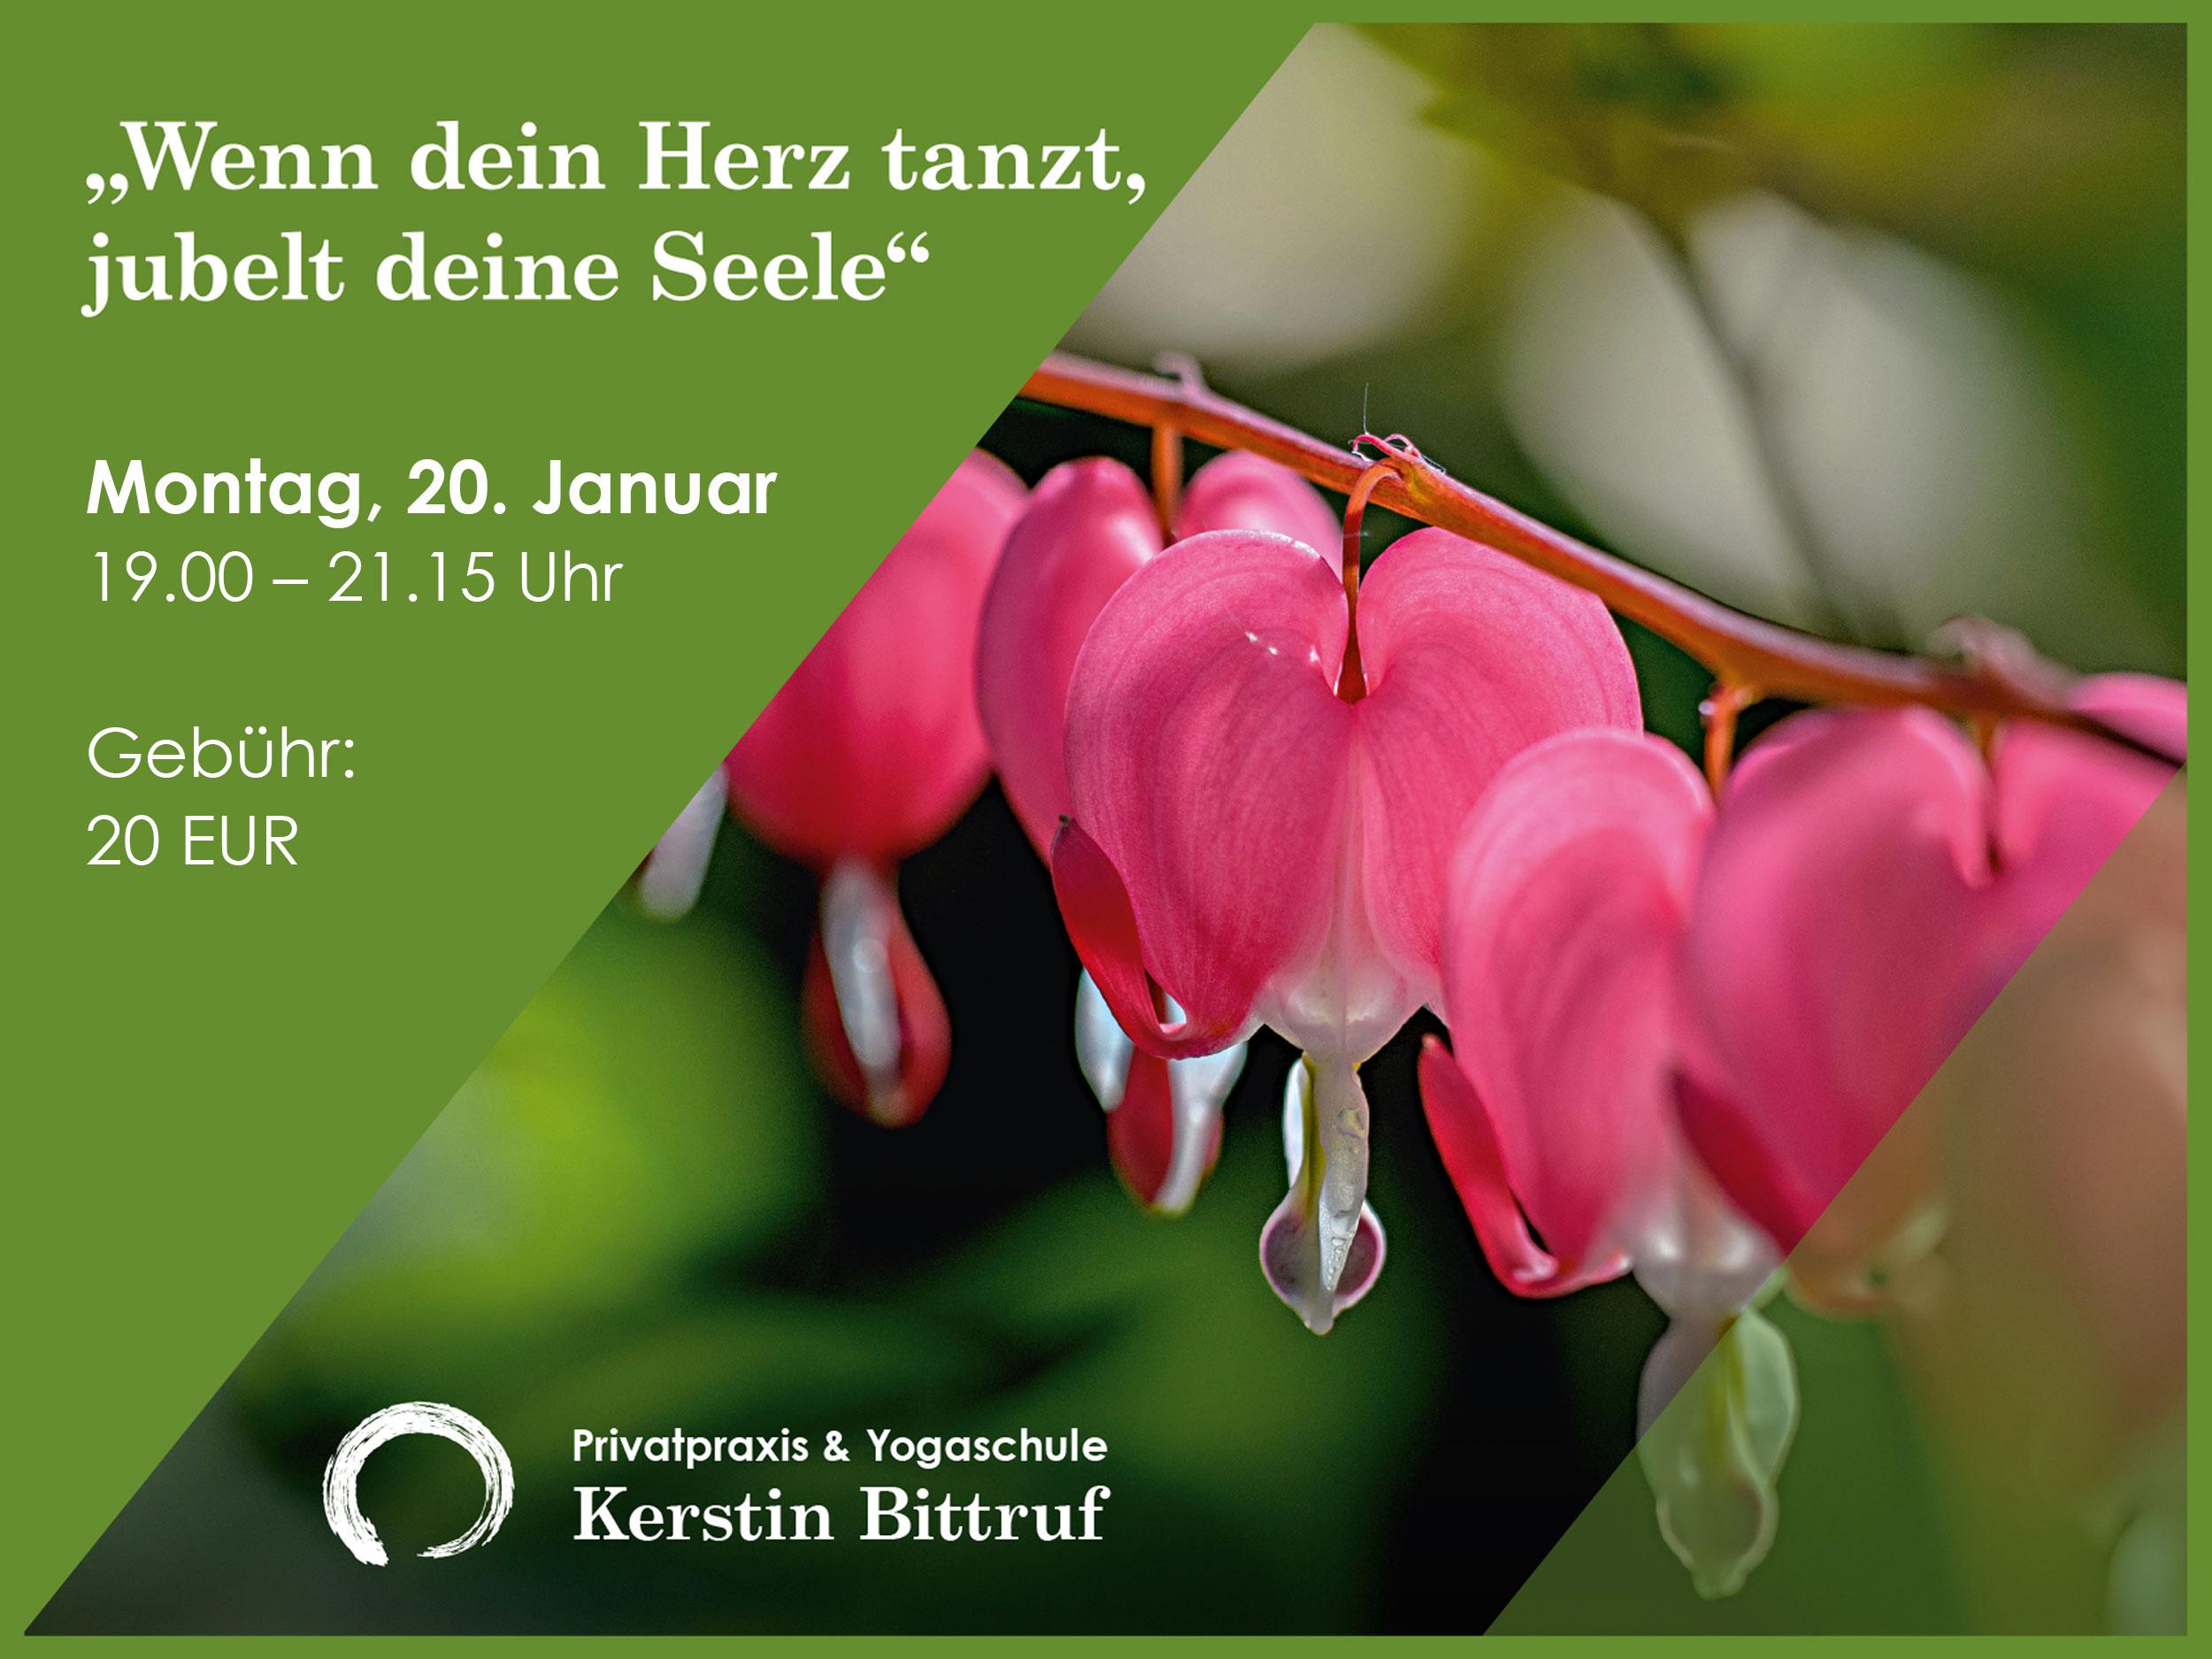 Facebook_Herz-tanzt_Sommer_20